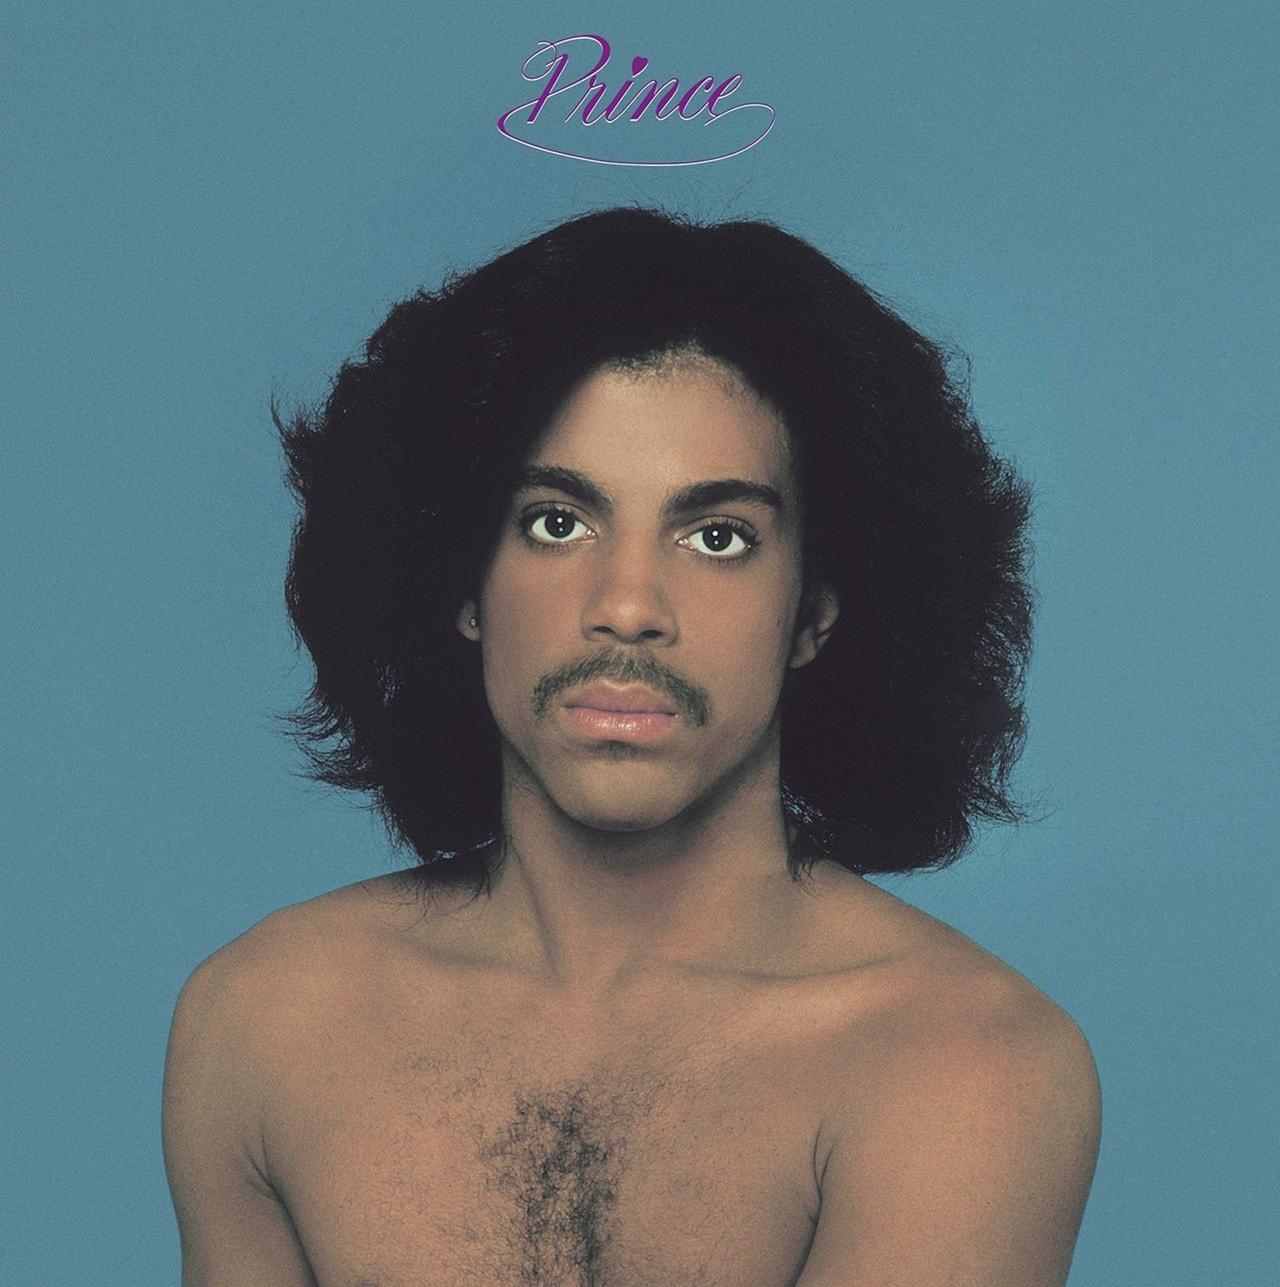 Prince - 1